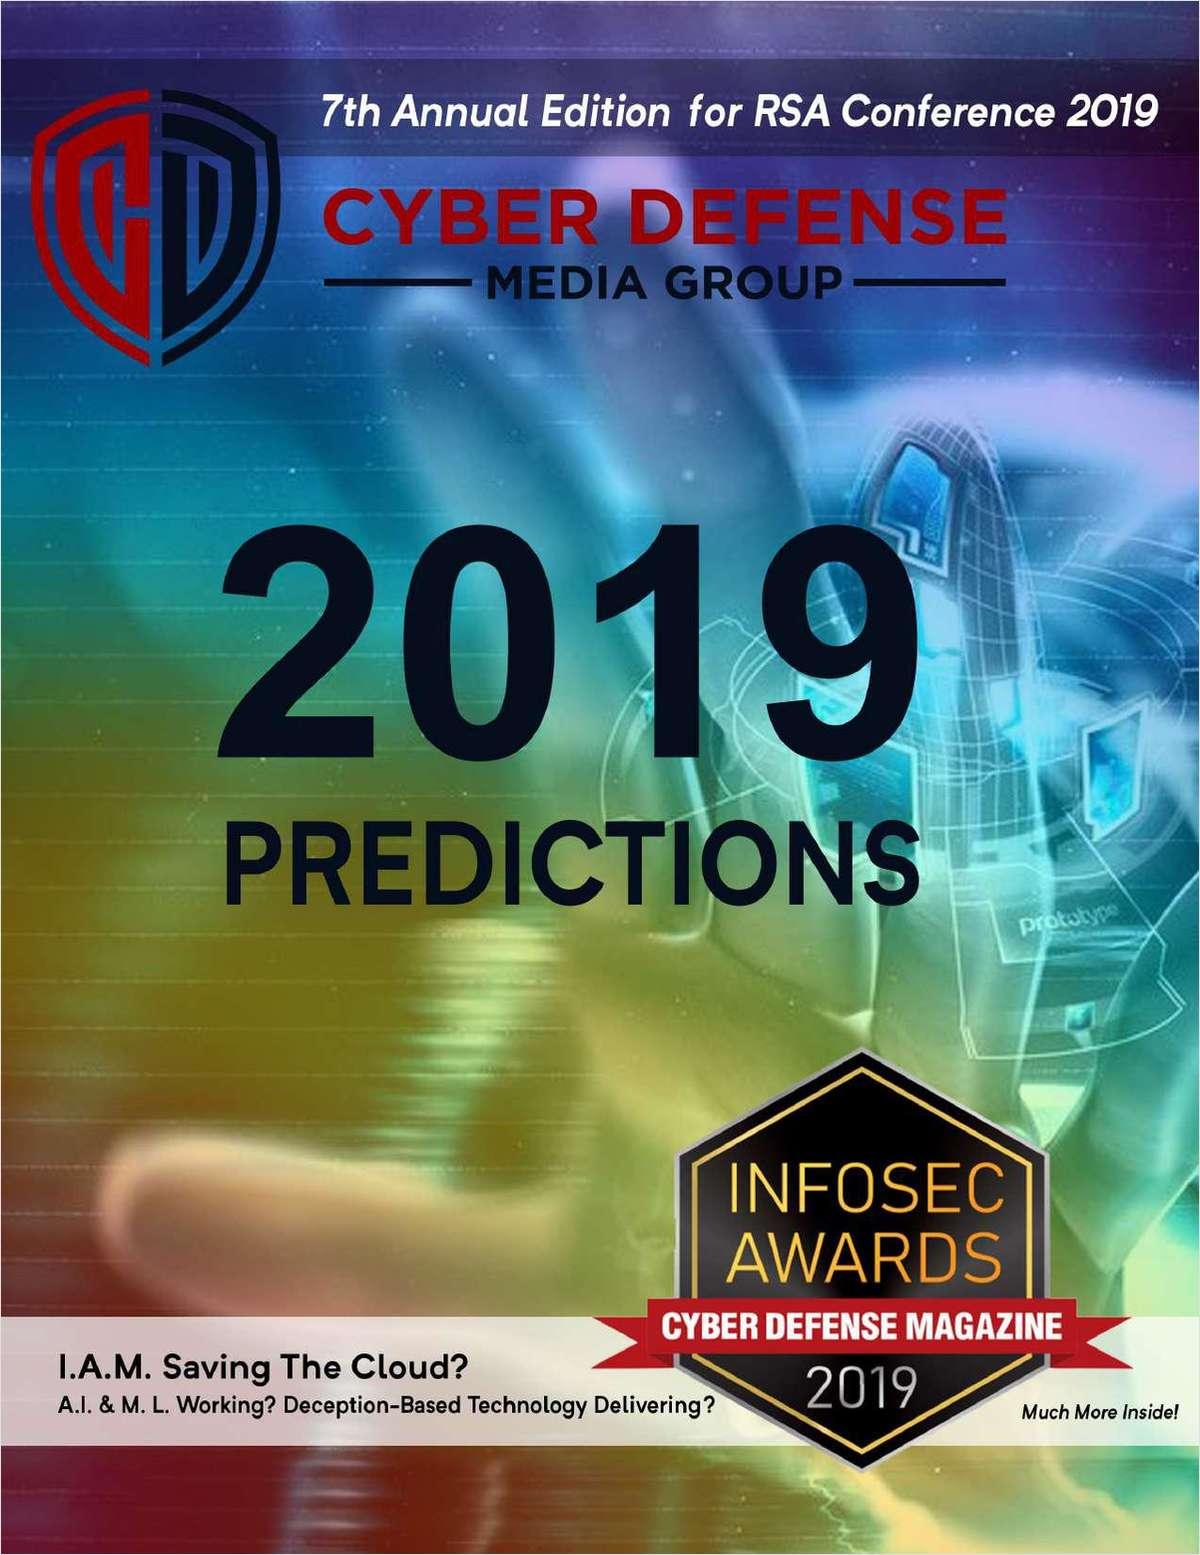 Cyber Defense Magazine - RSA Conference - Annual Edition 2019